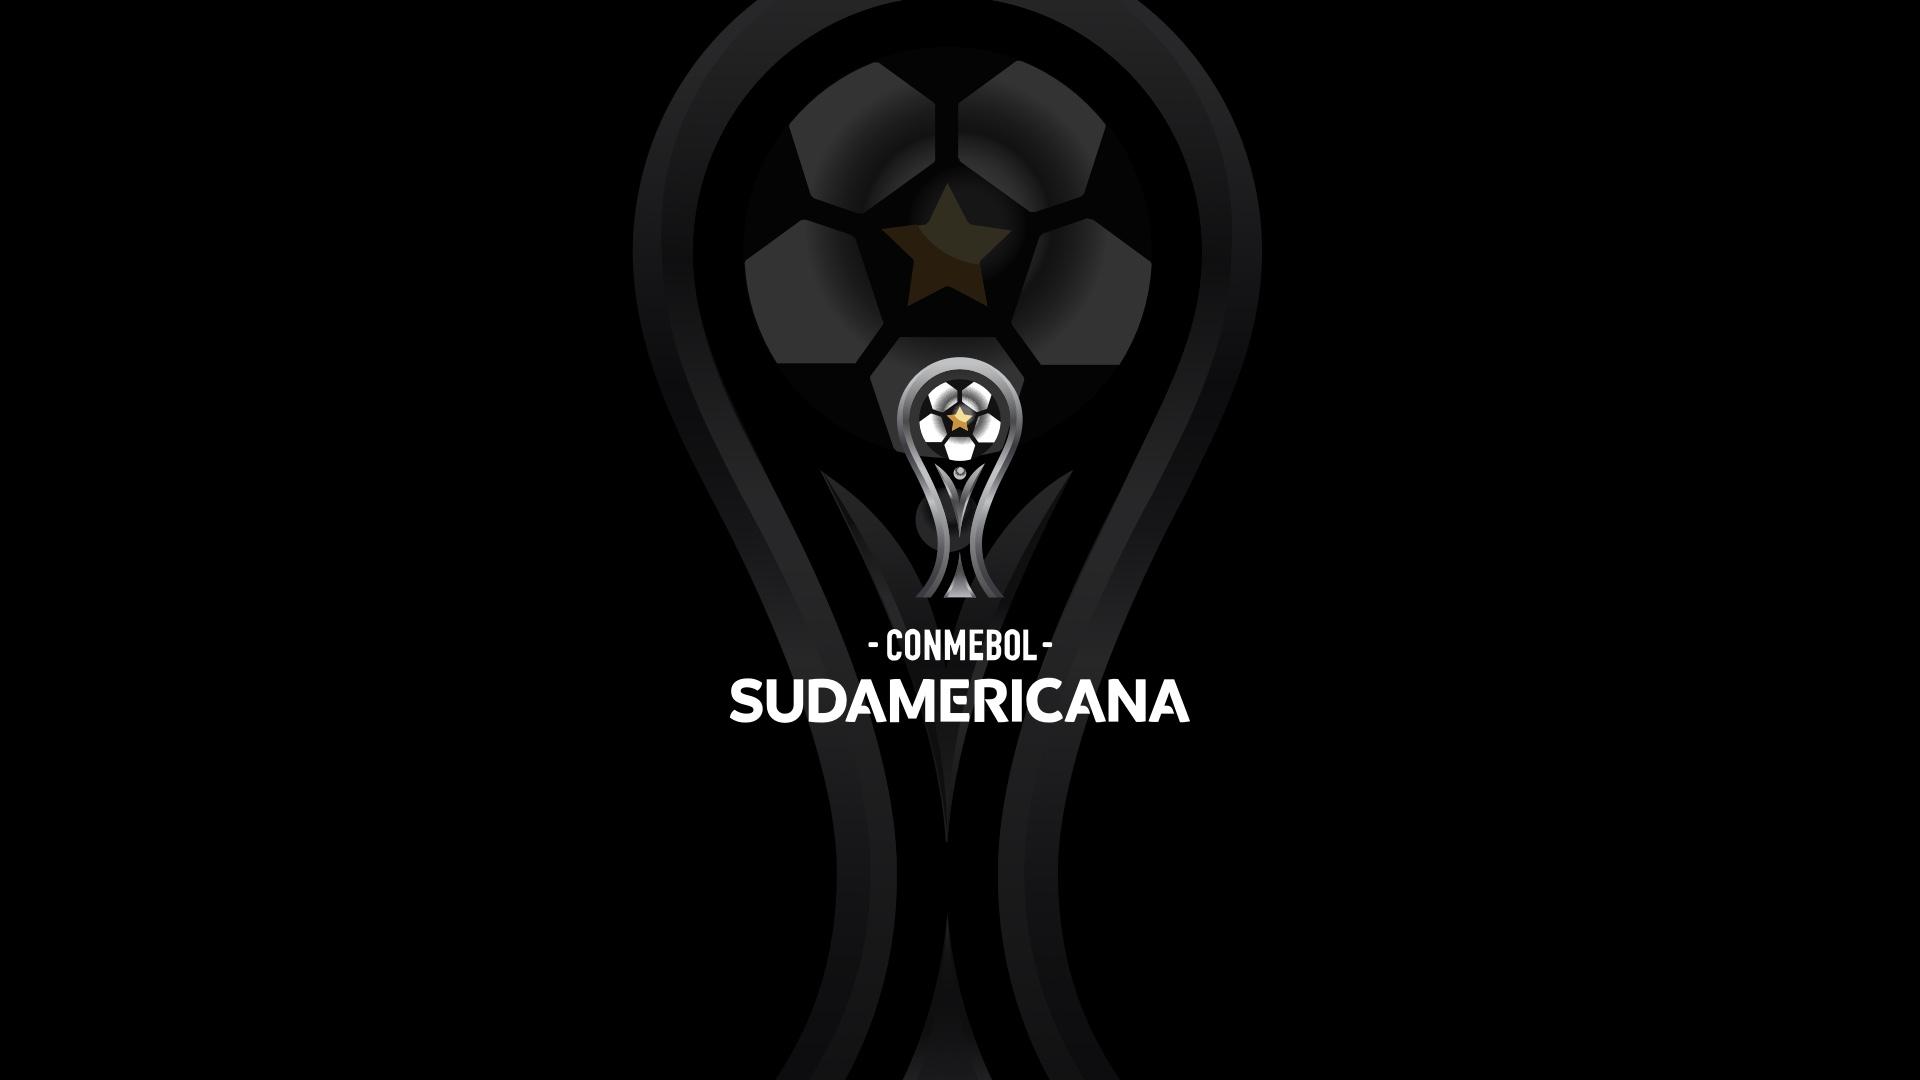 Copa Sudamericana 2021 de la Conmebol: TV, fechas, datos y campeones por países